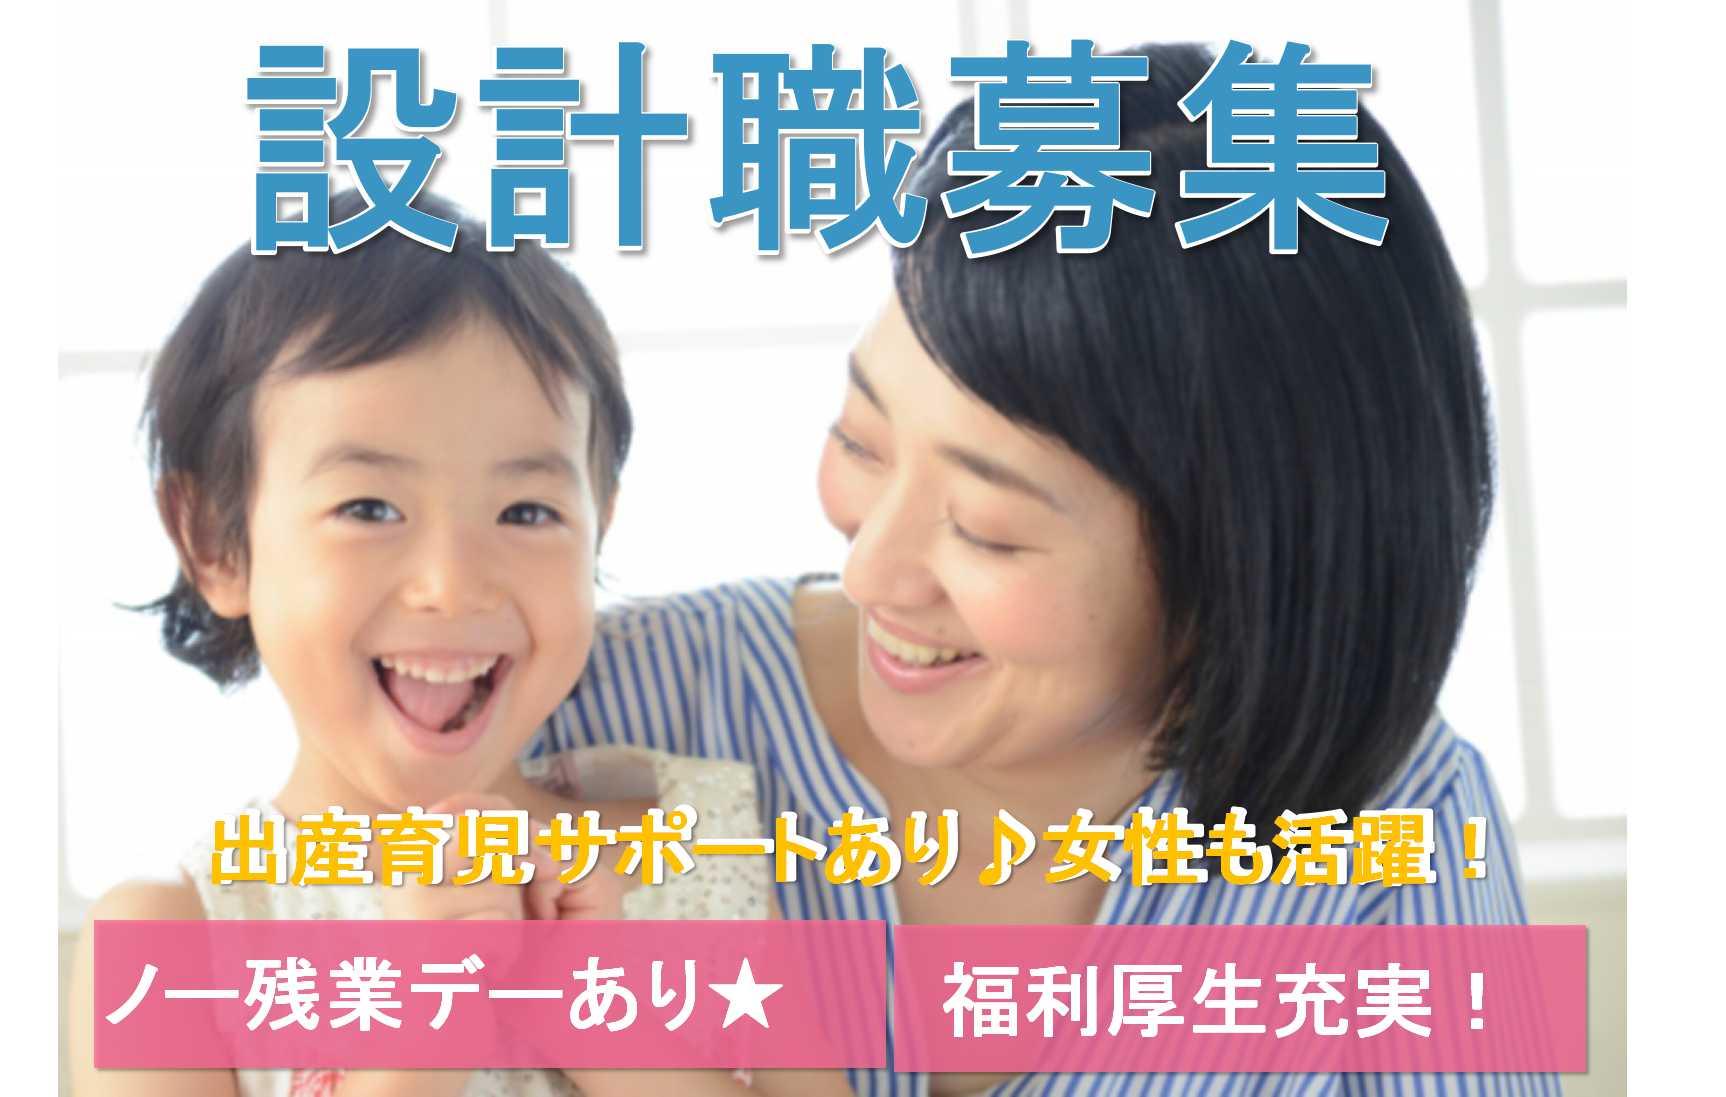 【新卒】労働時間削減の取り組みをしています!出産・育児サポートあり◎賃貸建物の設計職・設備設計・構造設計【即面談可能】 イメージ